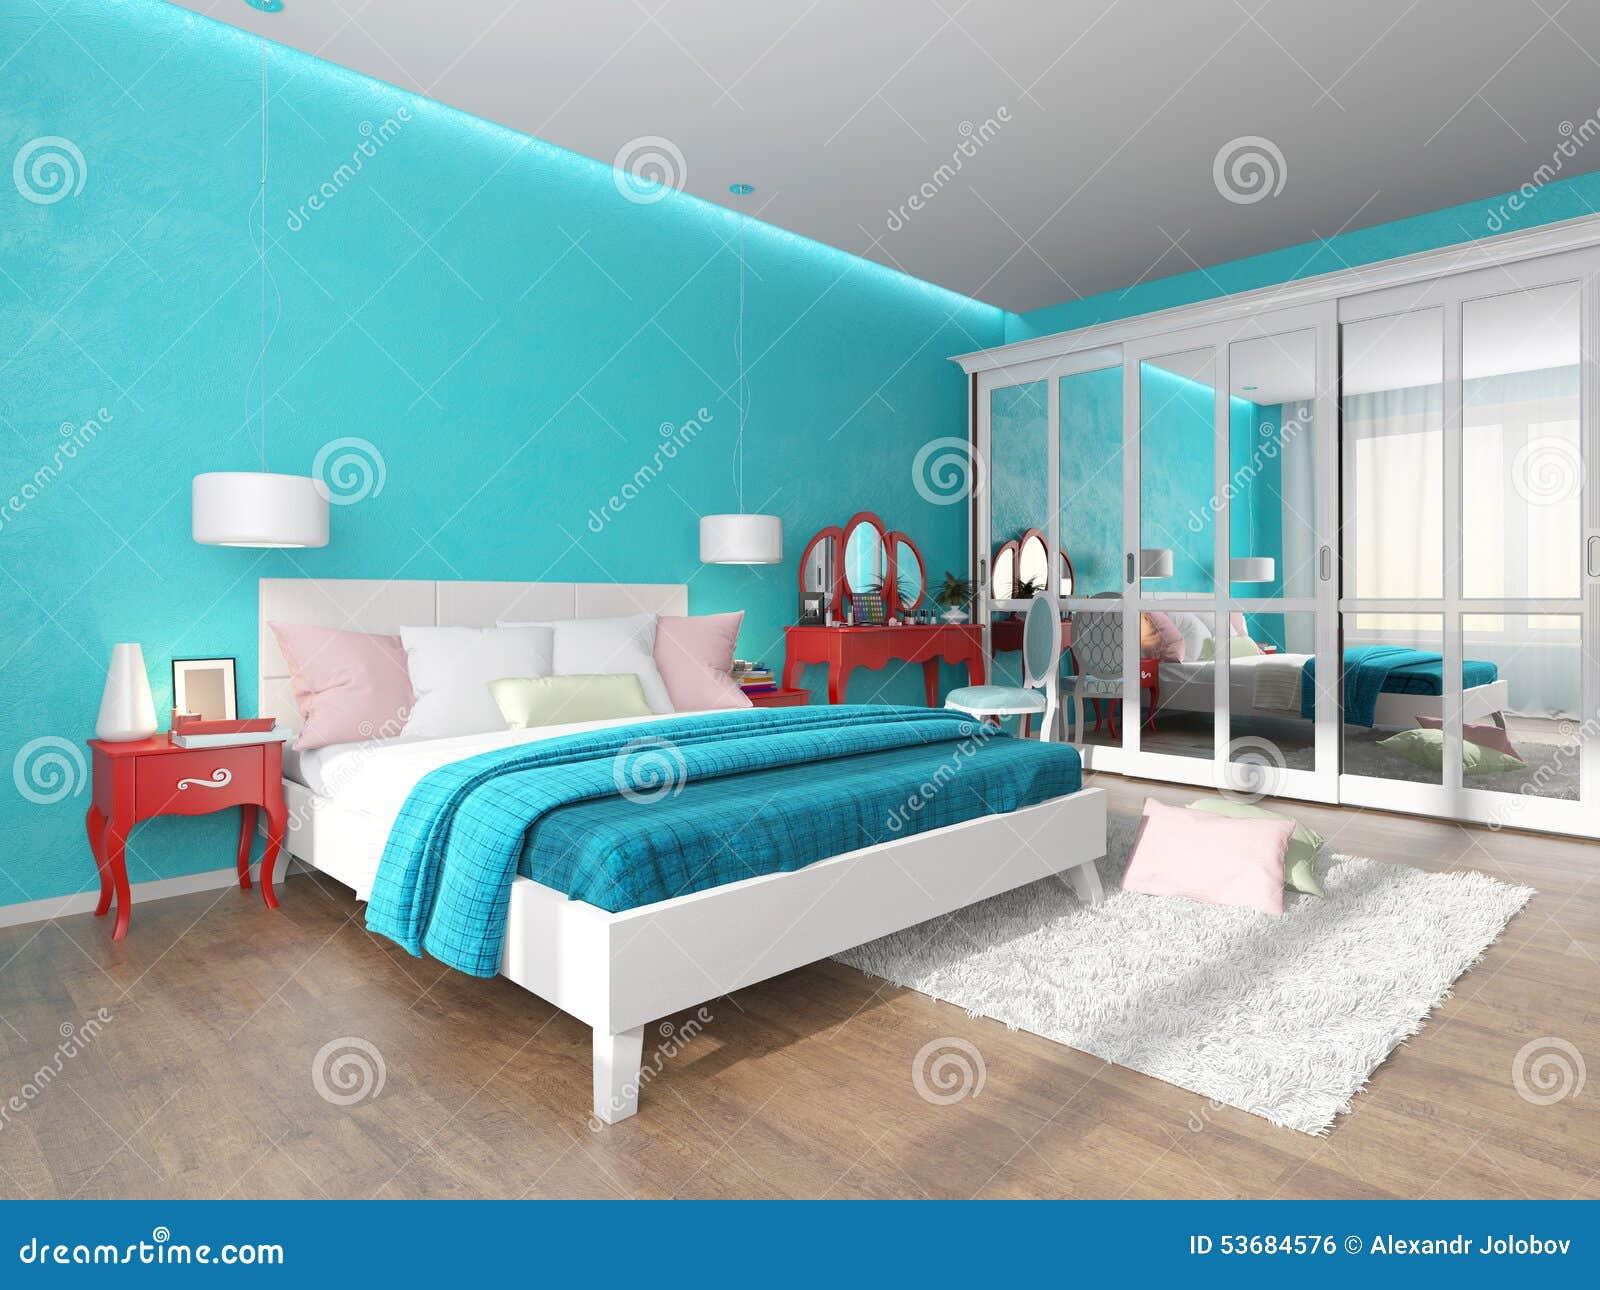 Camere Da Letto Turchese : Camera da letto del turchese con la tavola ed il guardaroba di